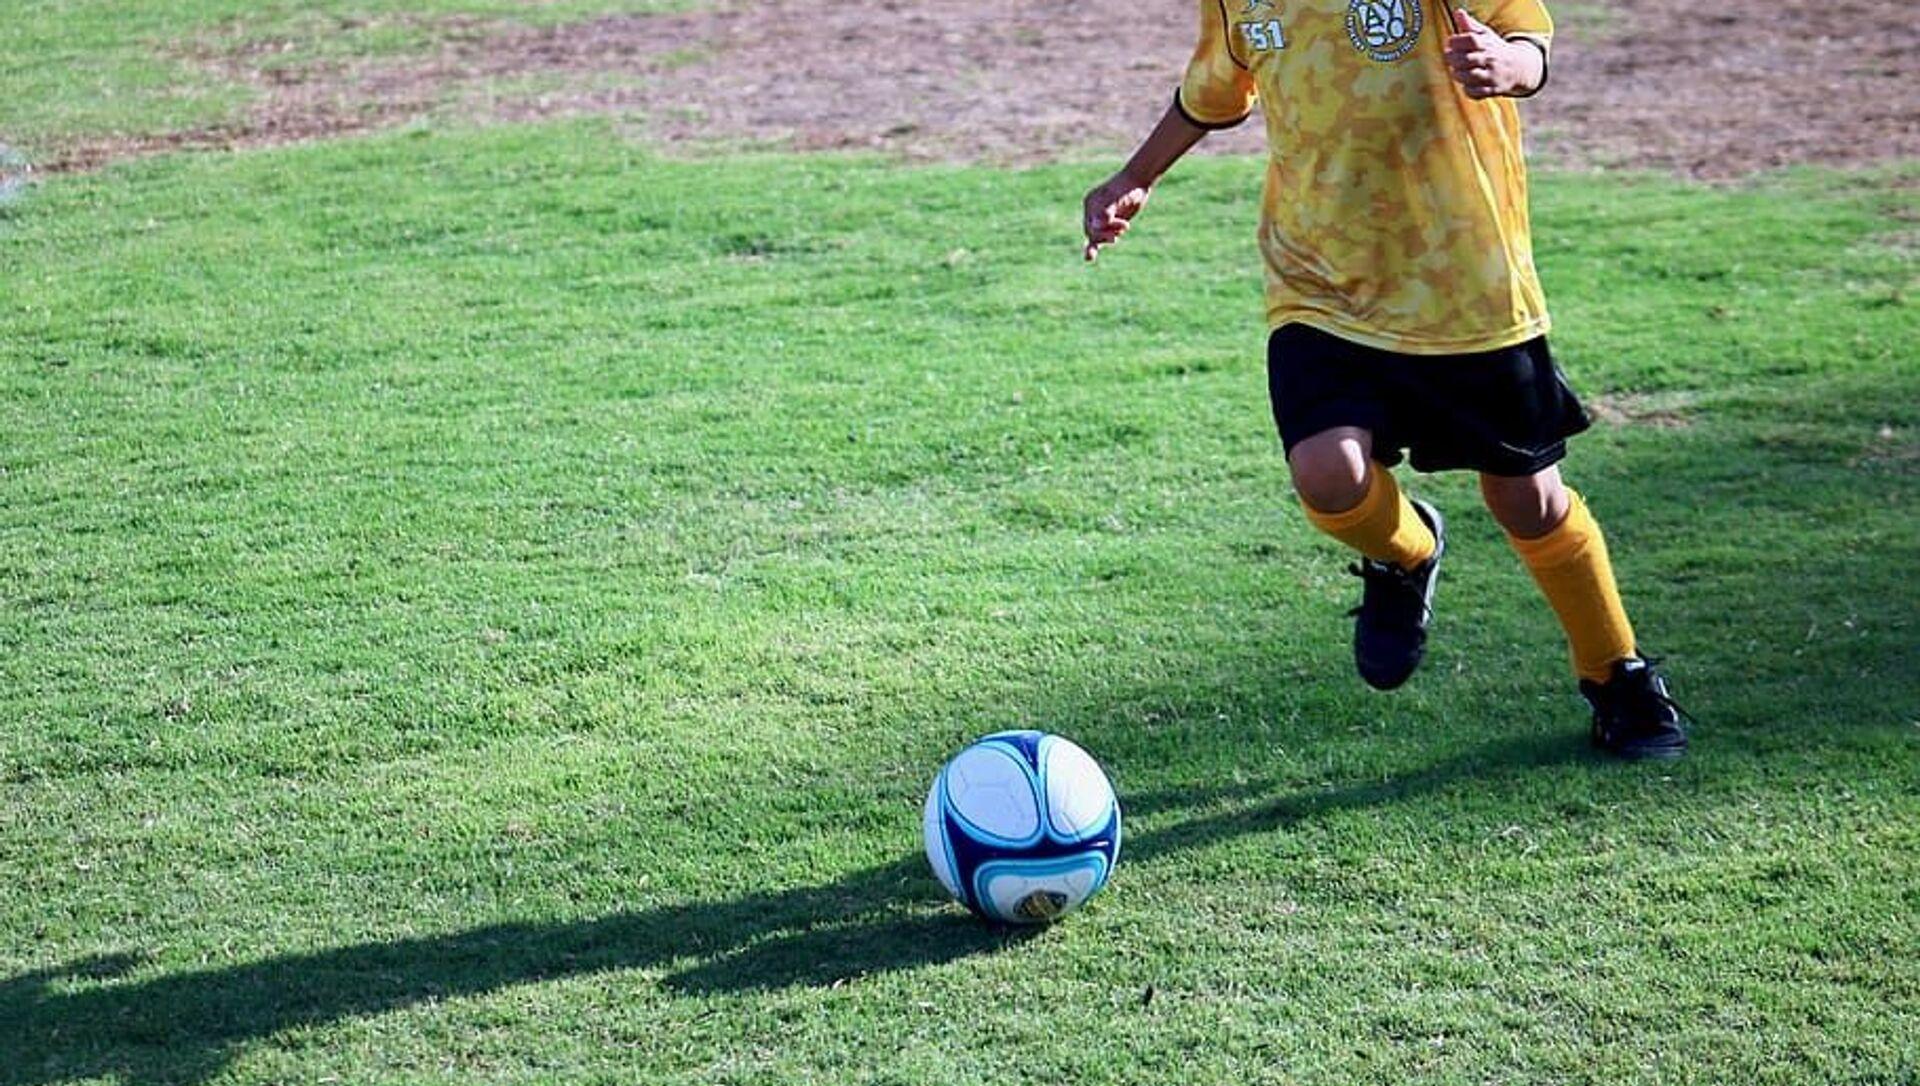 Bambino che gioca a calcio - Sputnik Italia, 1920, 21.04.2021